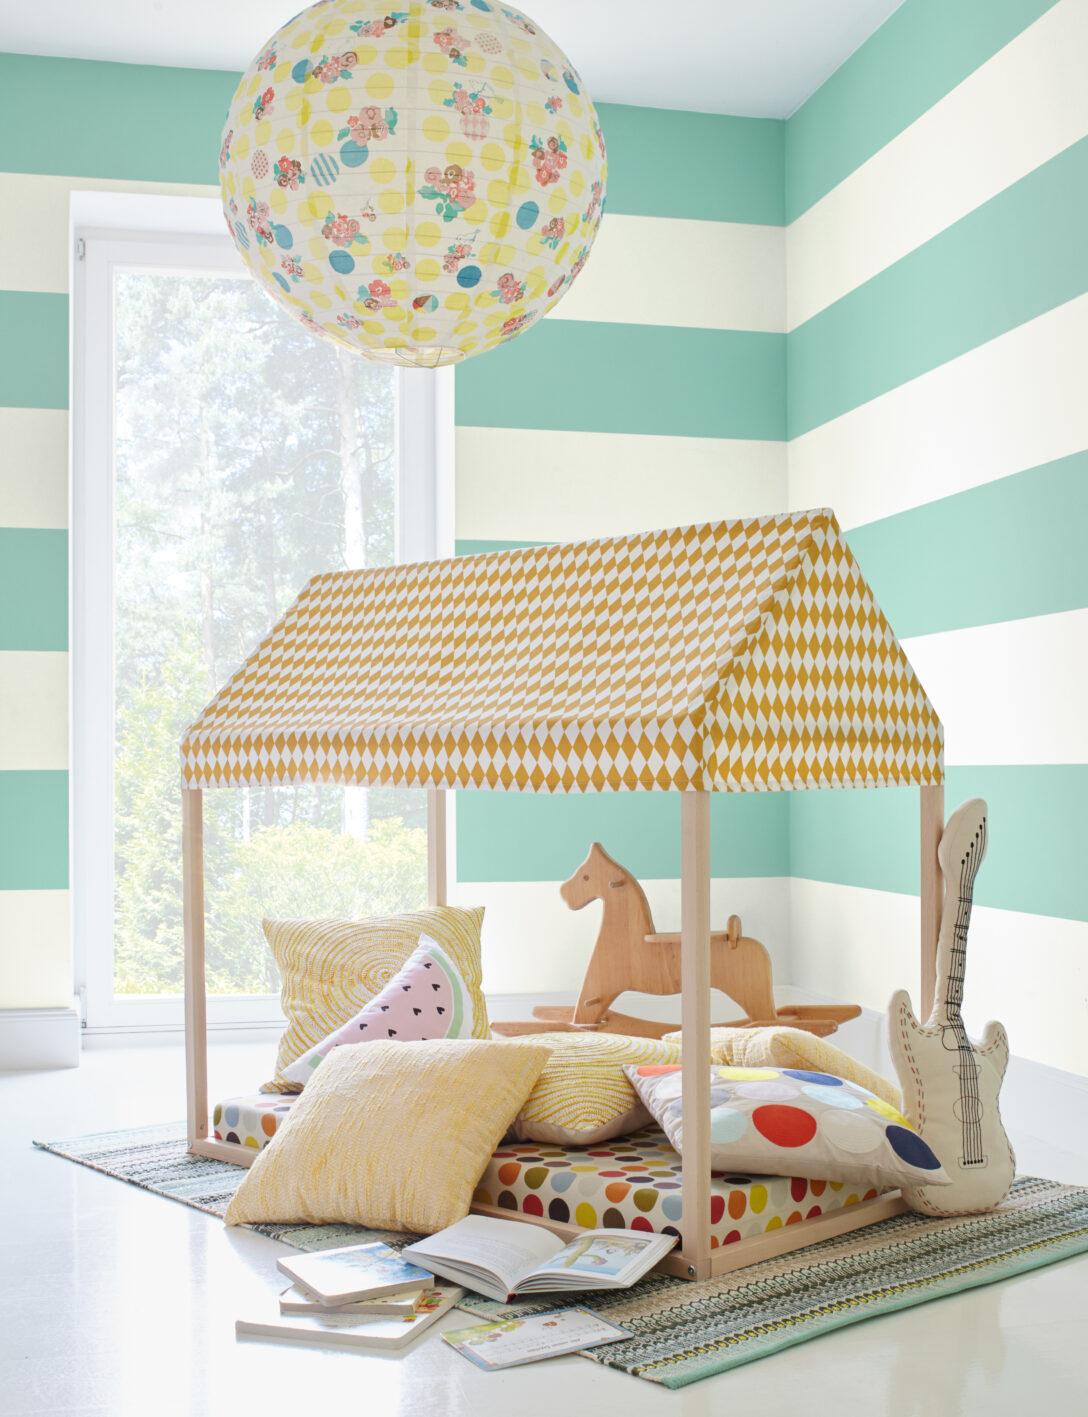 Large Size of Kinderzimmer Einrichten Junge Regal Badezimmer Sofa Regale Küche Weiß Kleine Kinderzimmer Kinderzimmer Einrichten Junge